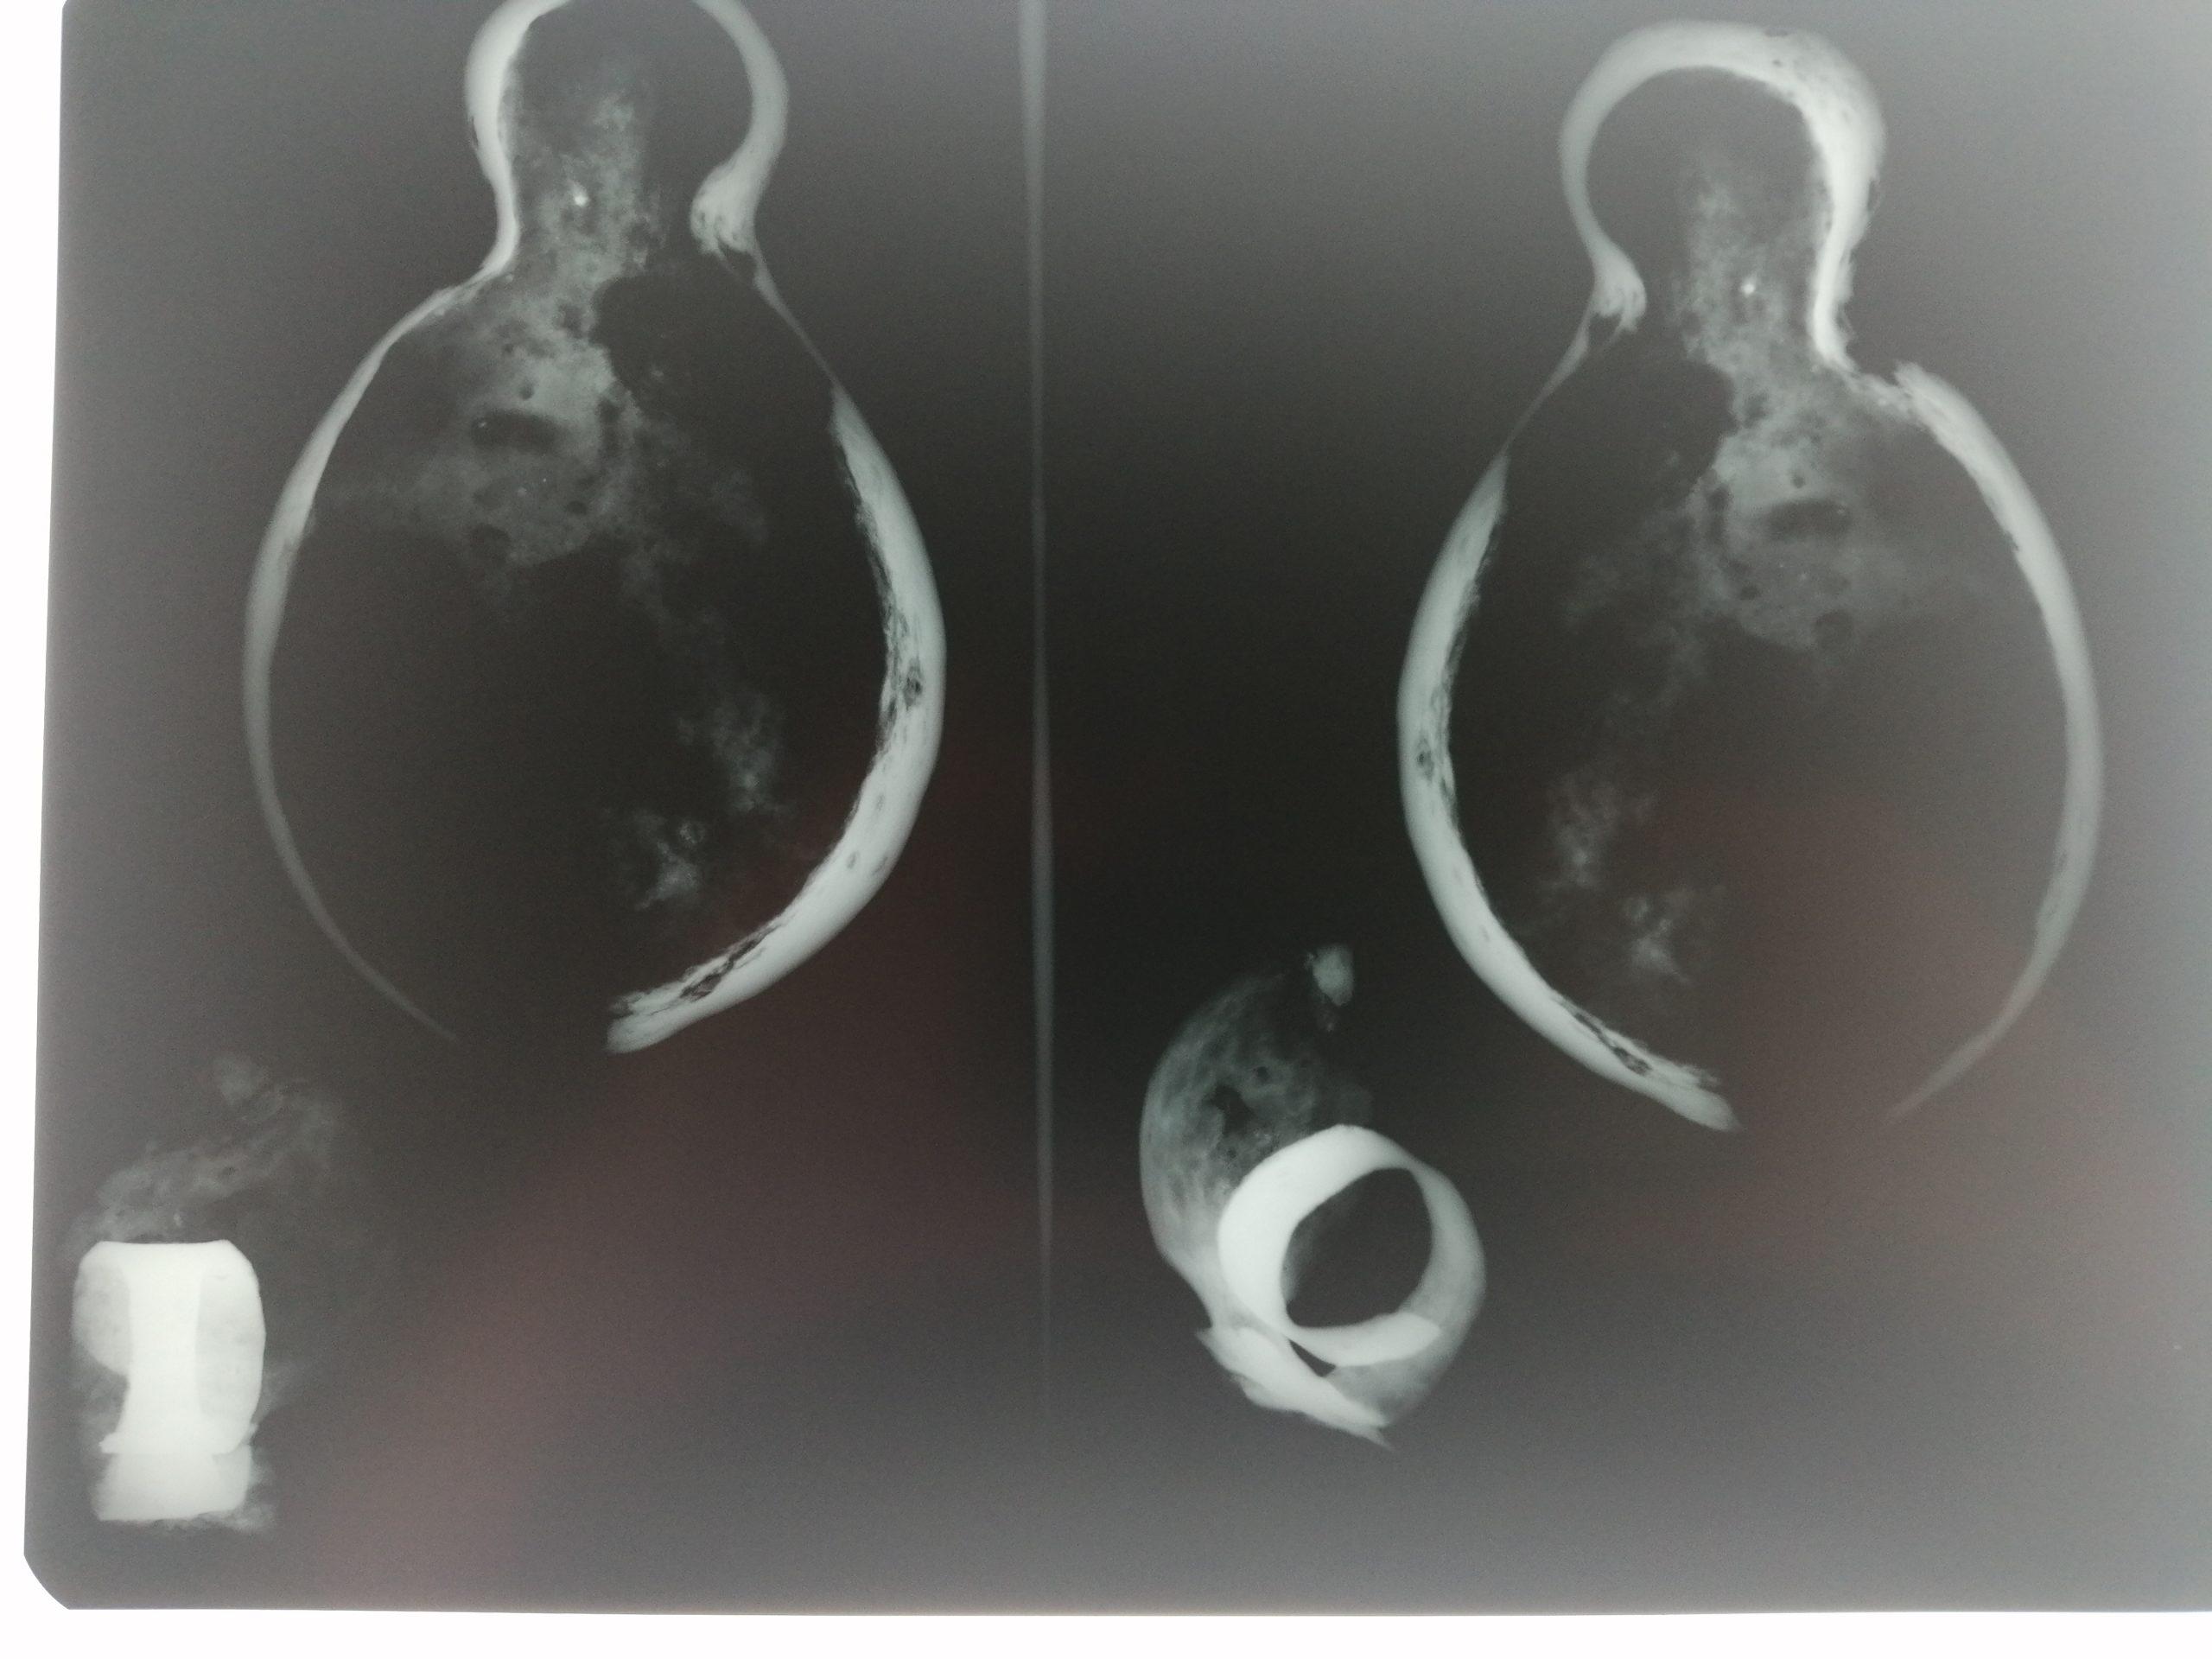 LampB2c / X-ray